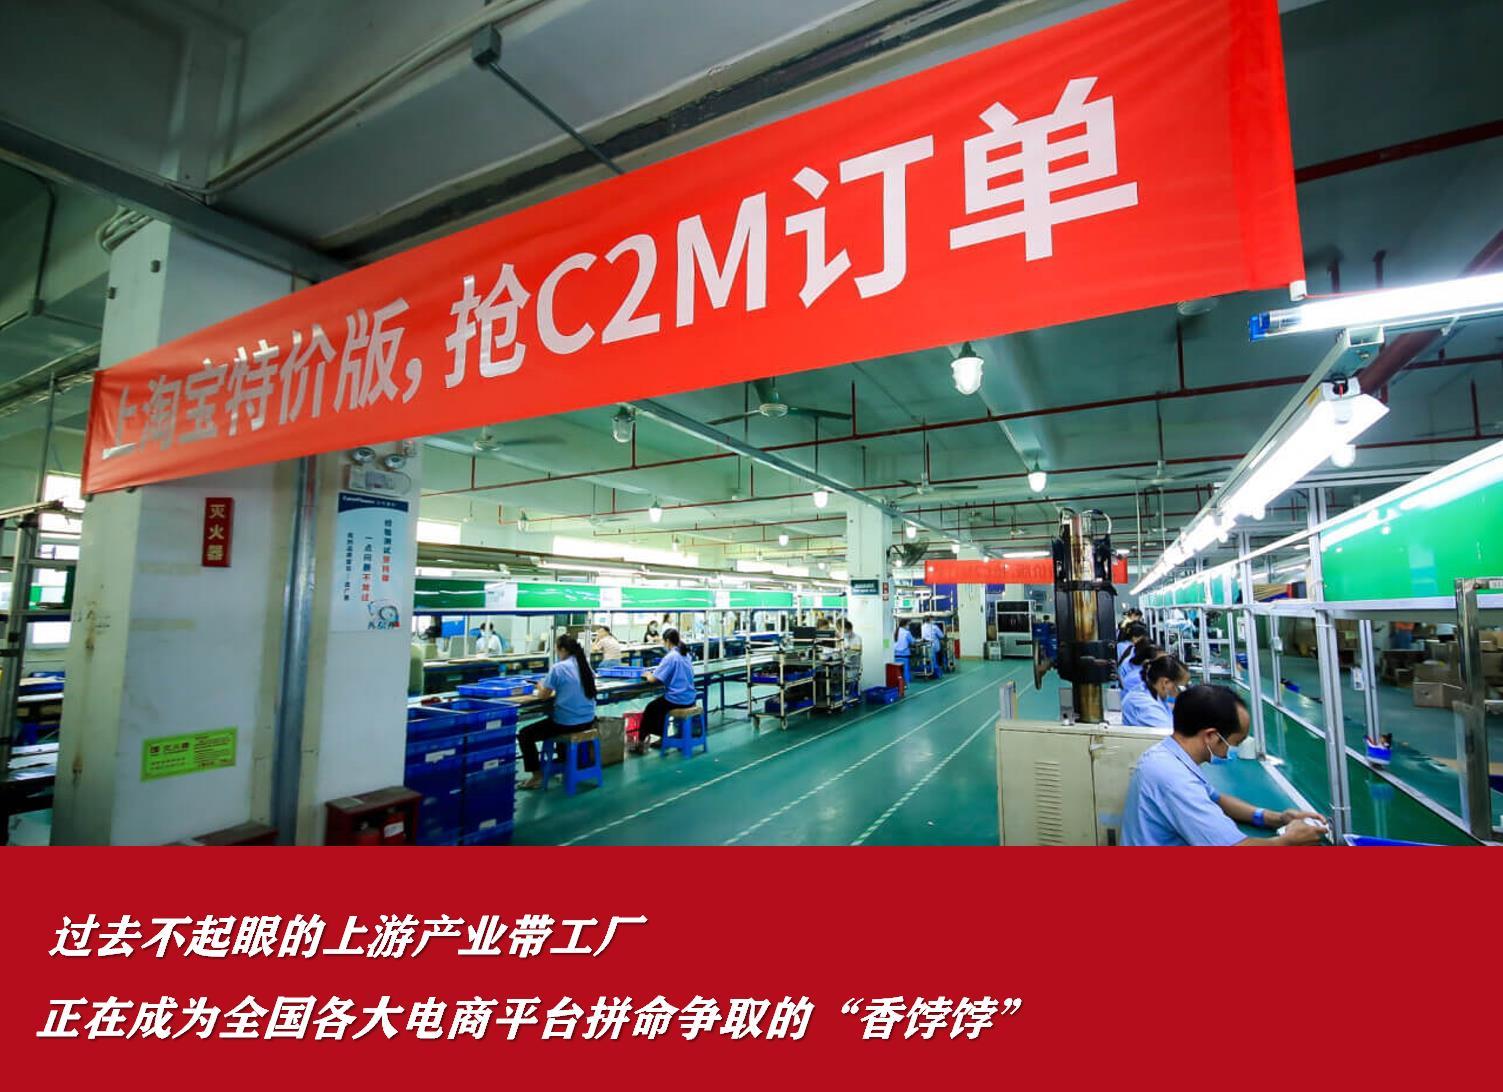 电商平台争夺百万外贸厂长 电商平台